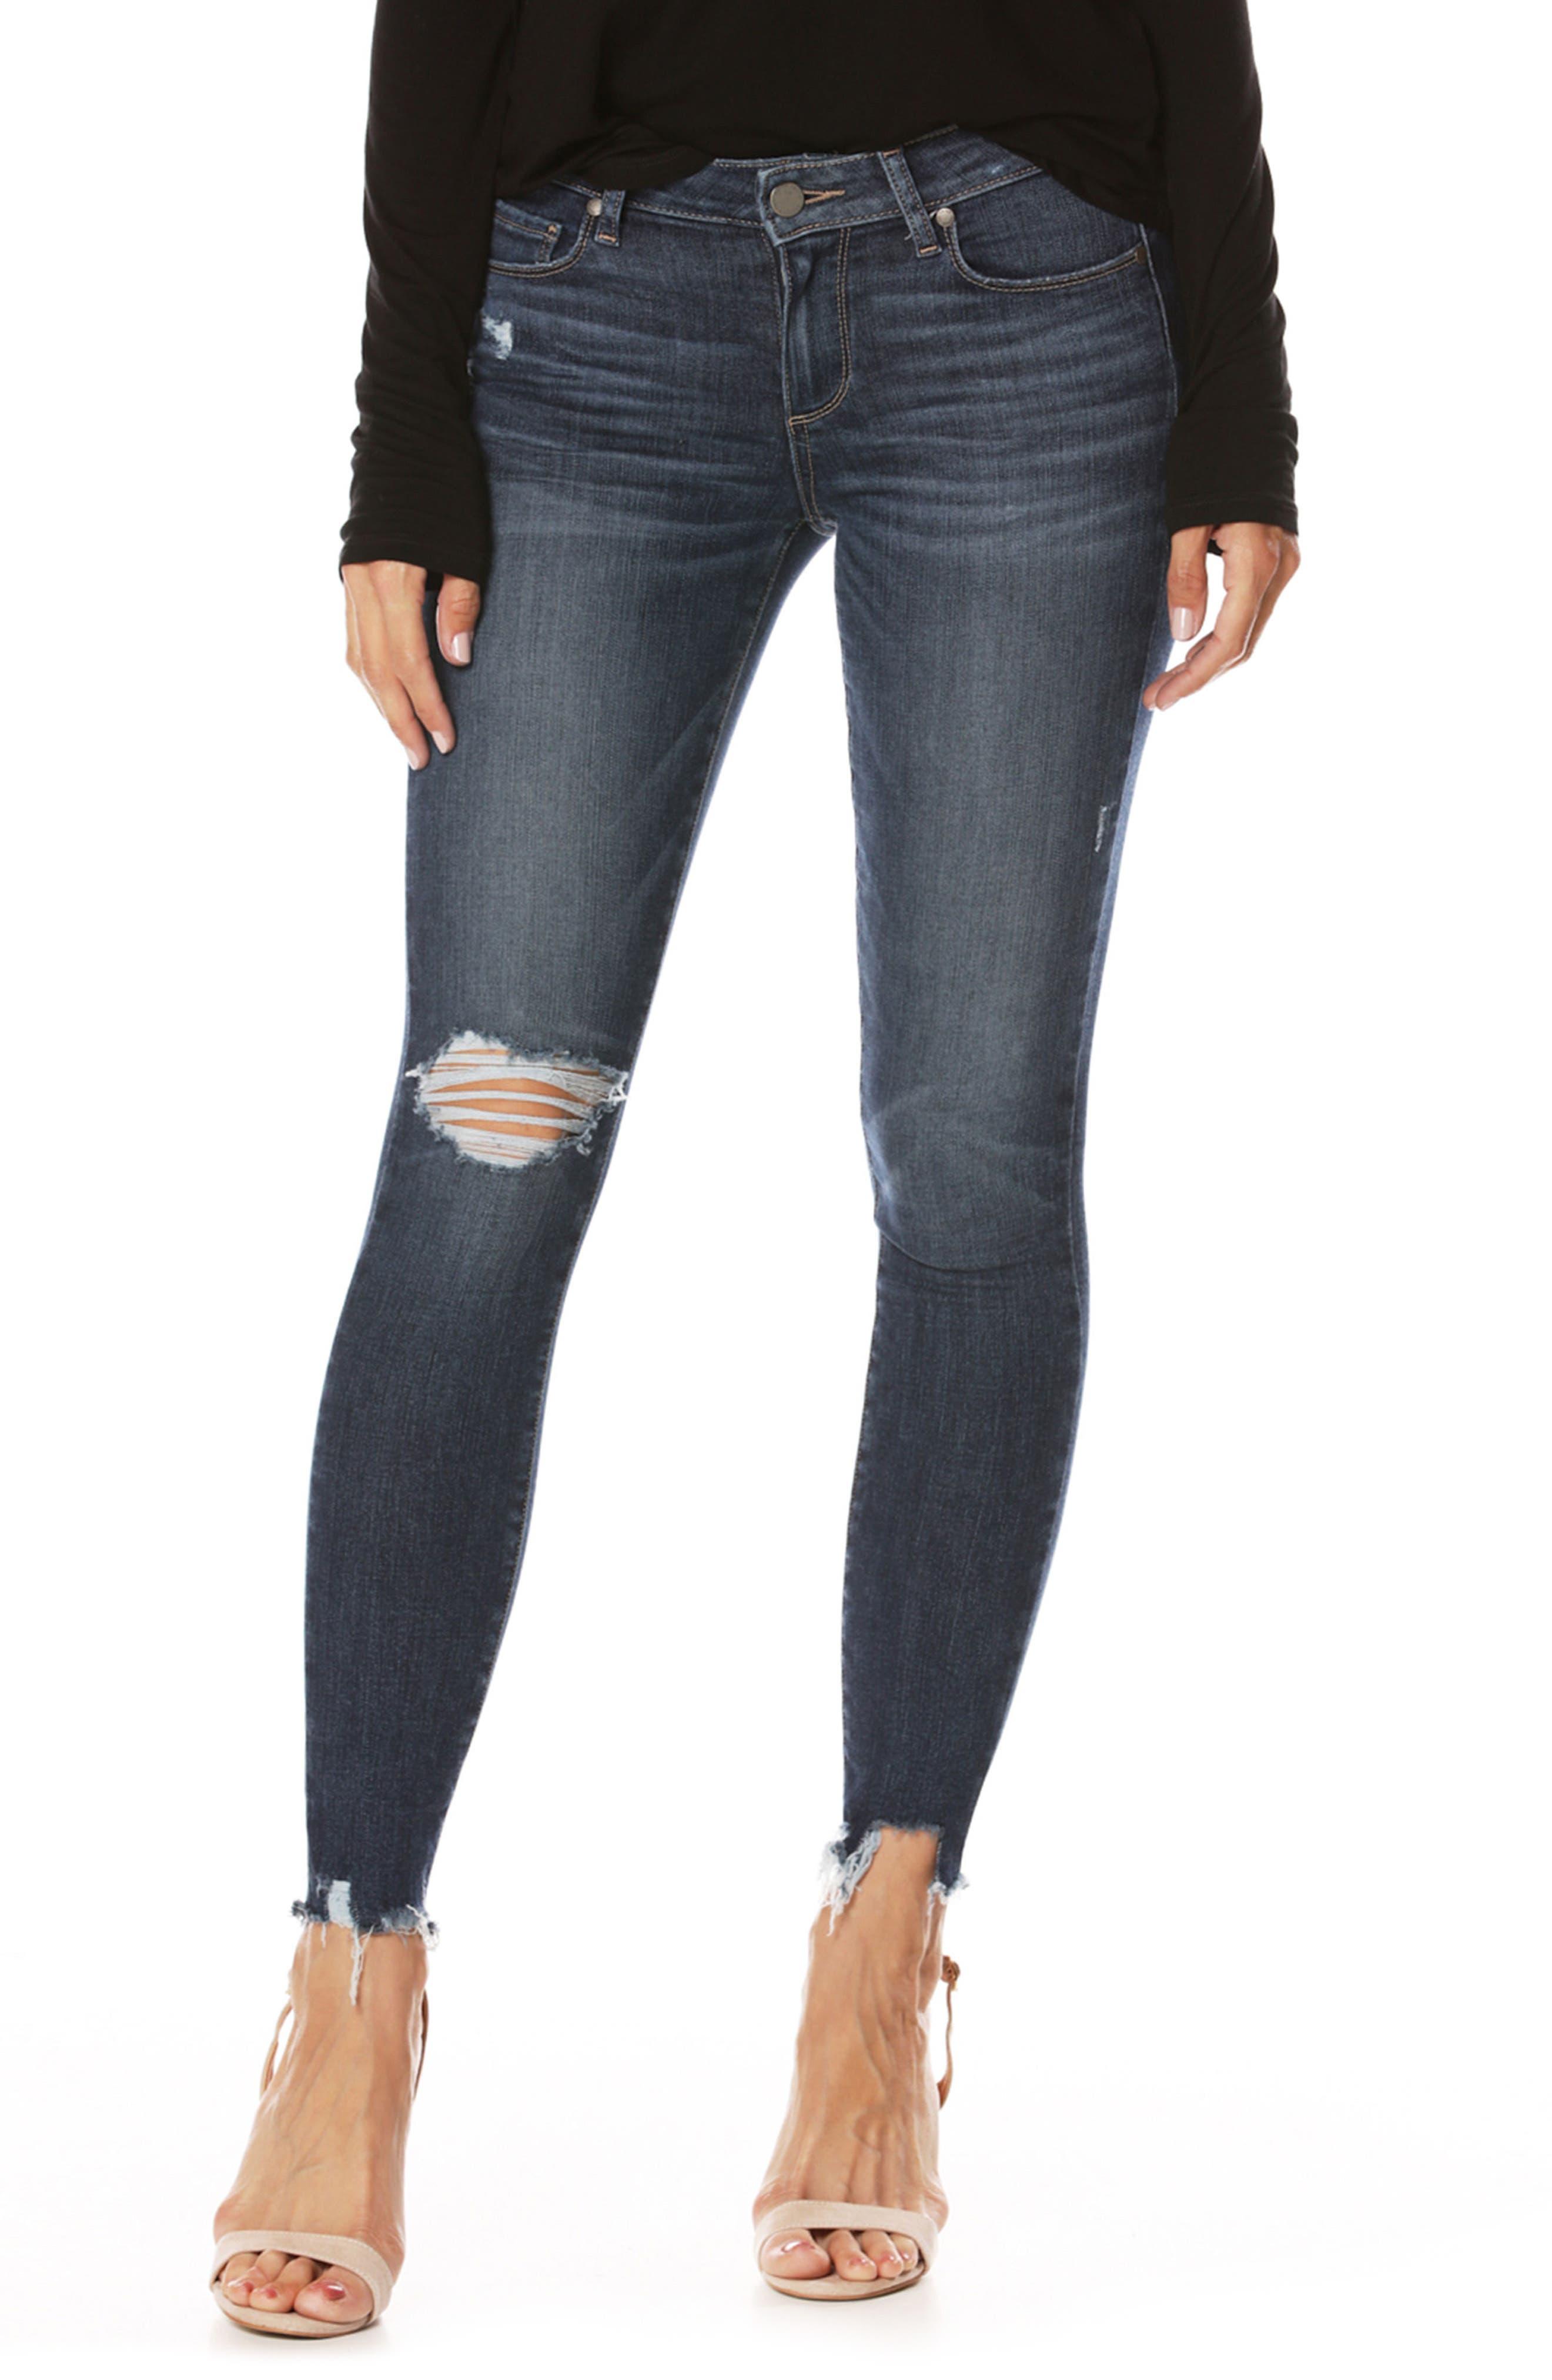 Transcend Vintage - Verdugo Ankle Skinny Jeans,                         Main,                         color, Danton Destructed